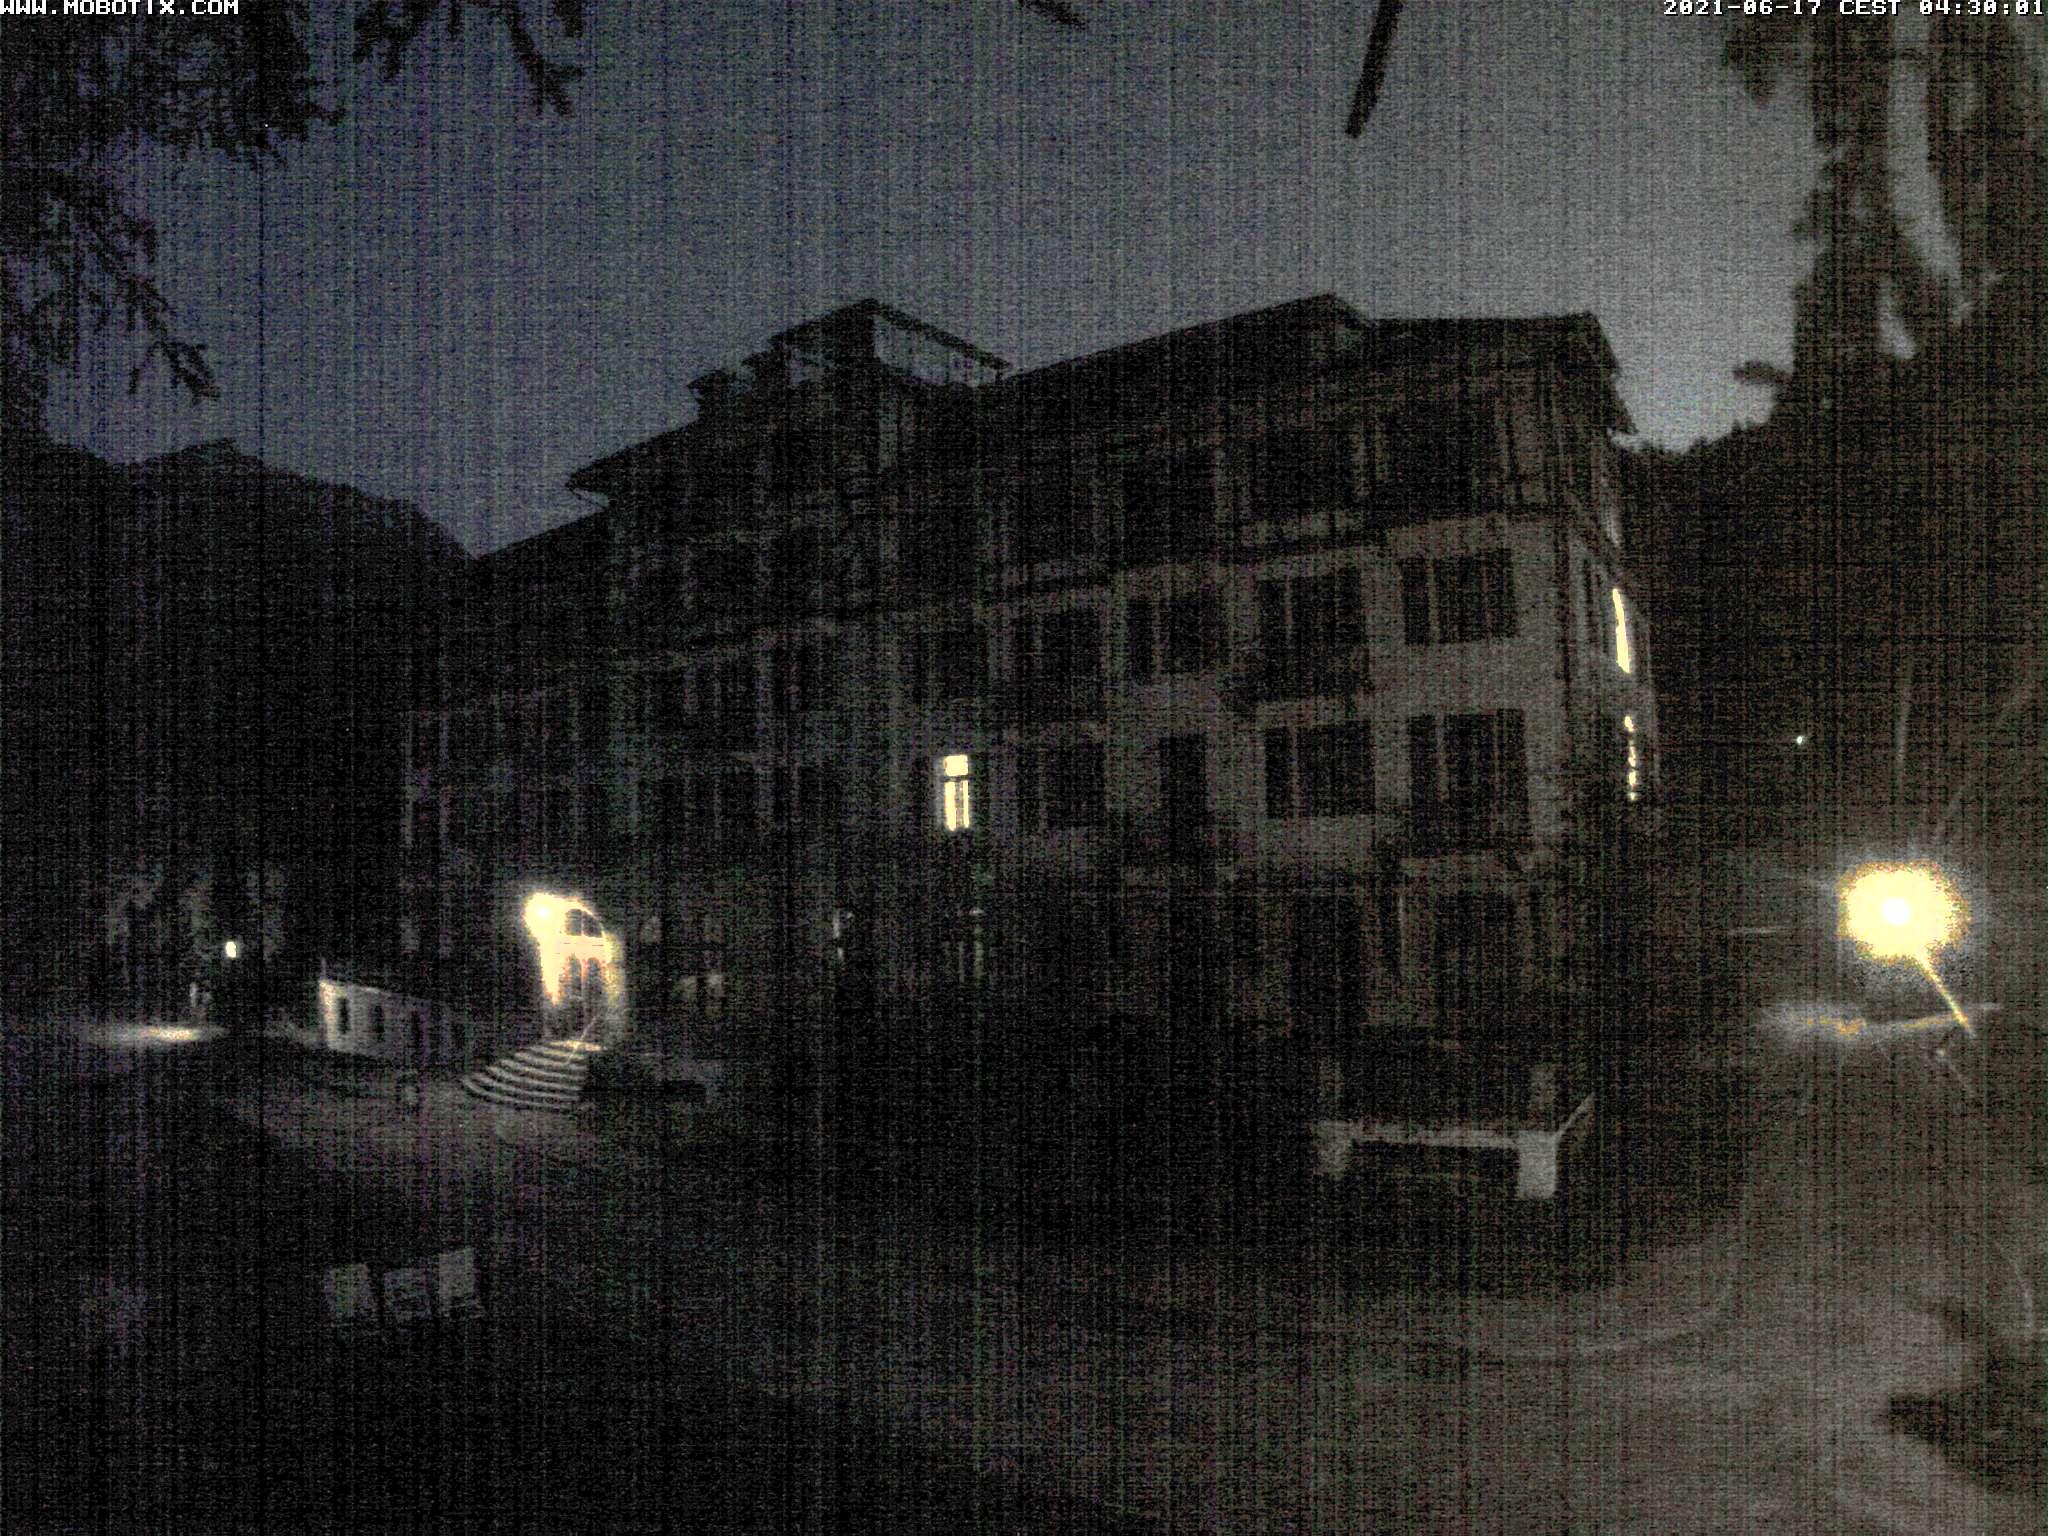 3h ago - 04:30